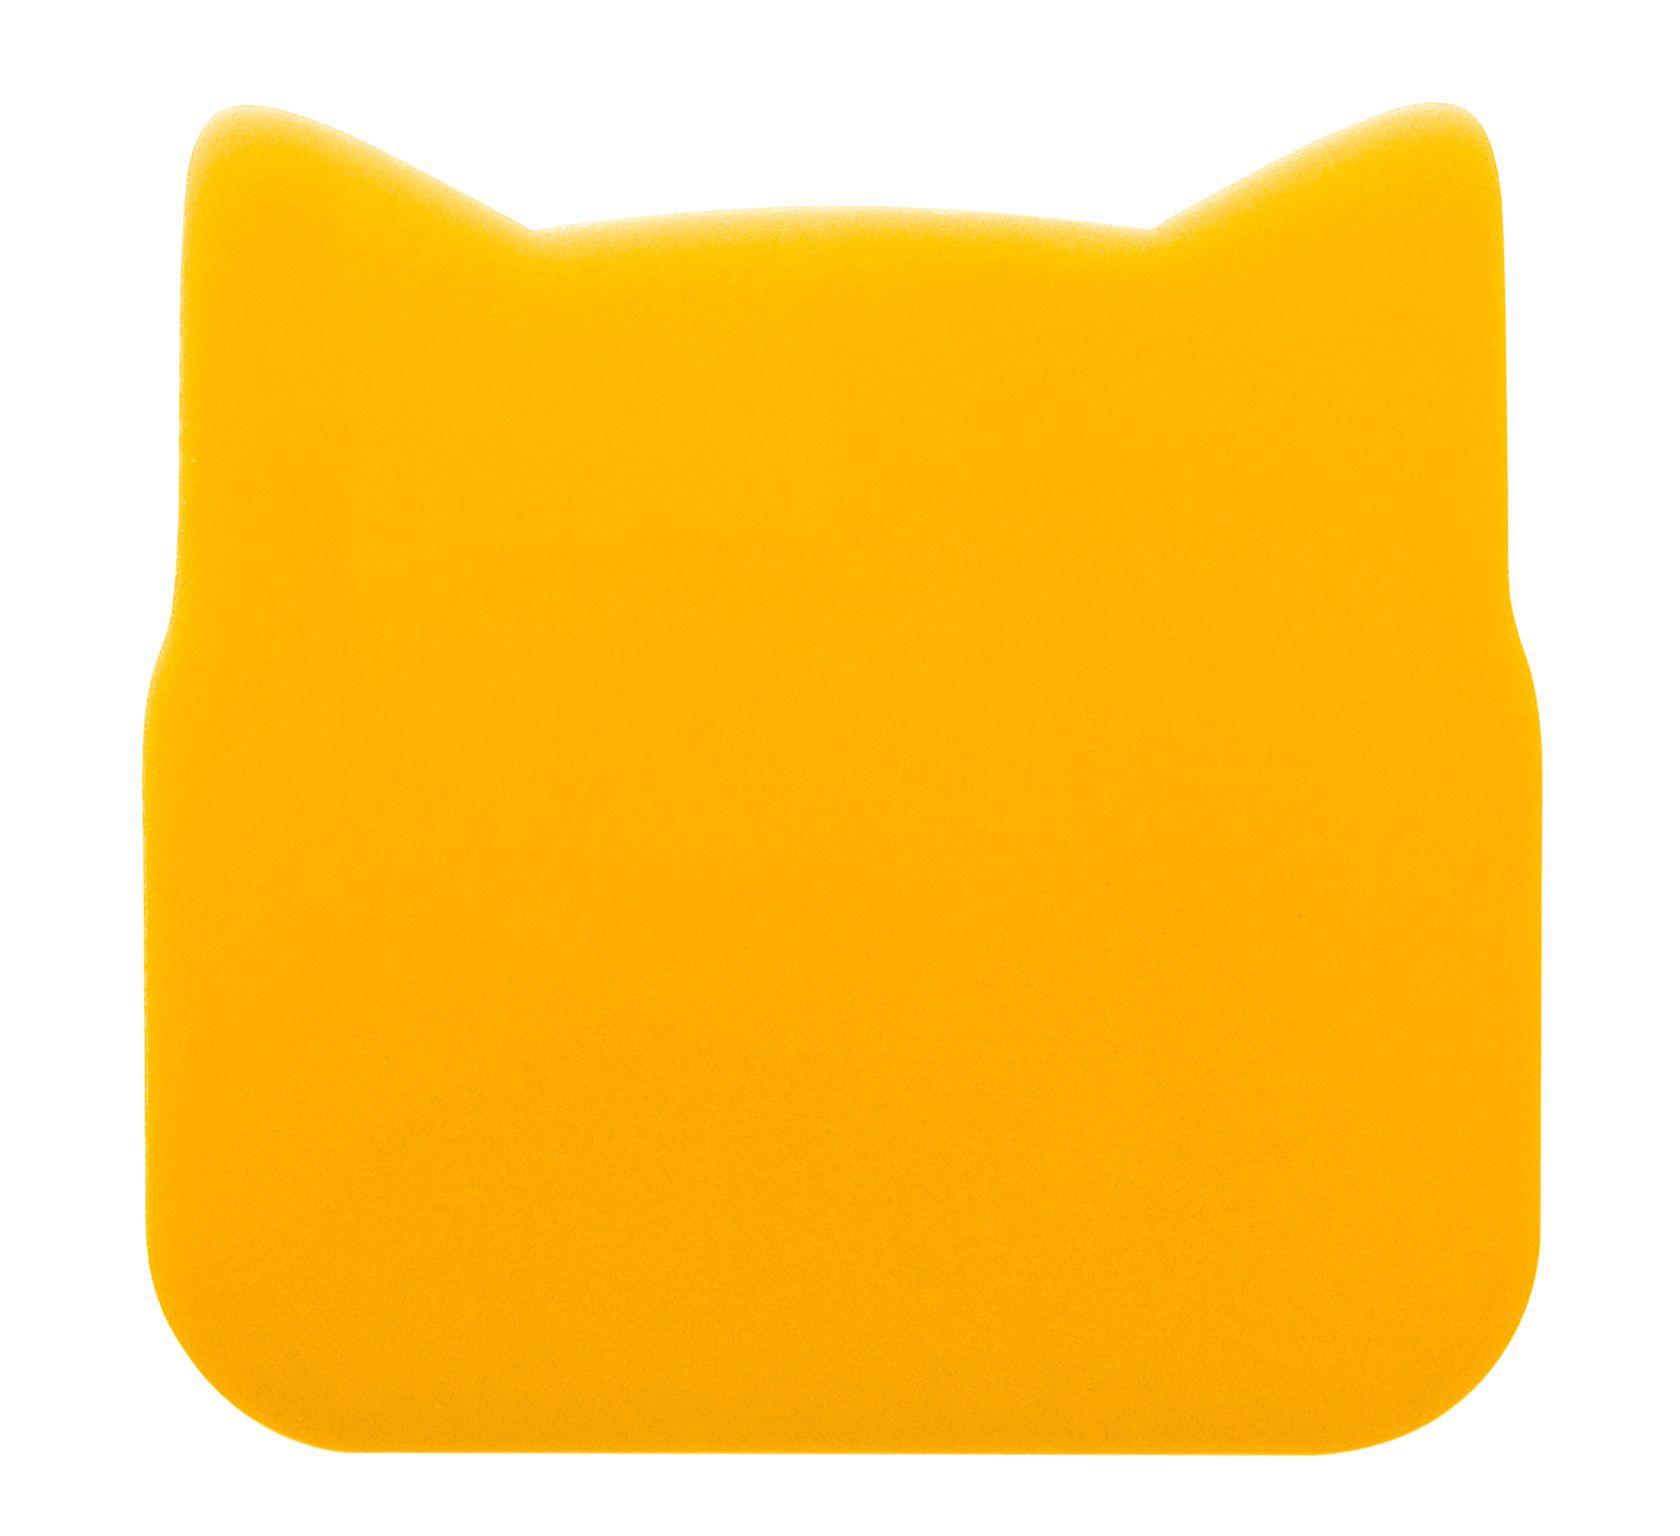 Porta copo amarelo